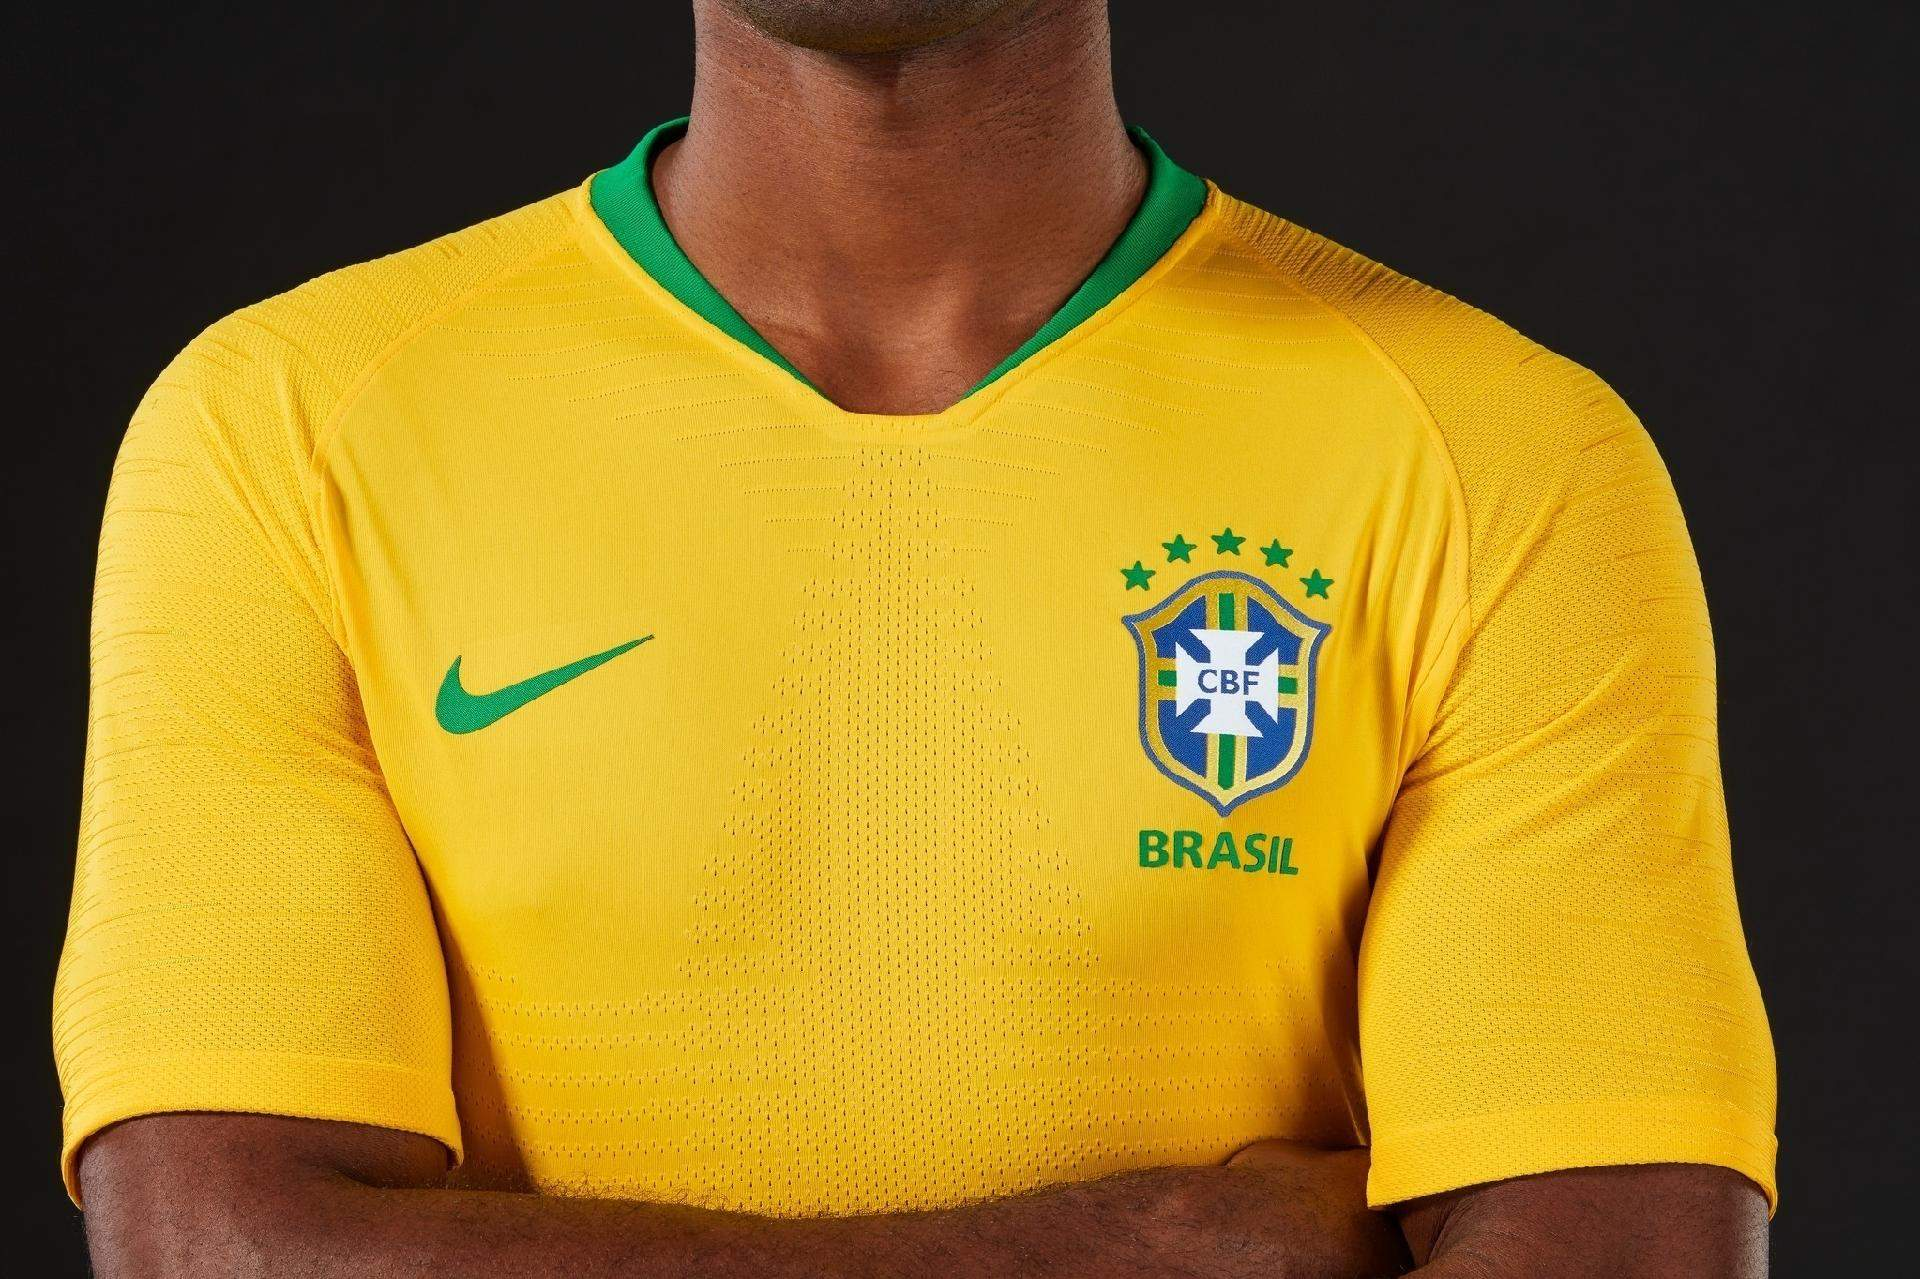 d17a2249bd Veja a evolução do uniforme da Seleção Brasileira nas Copas do Mundo